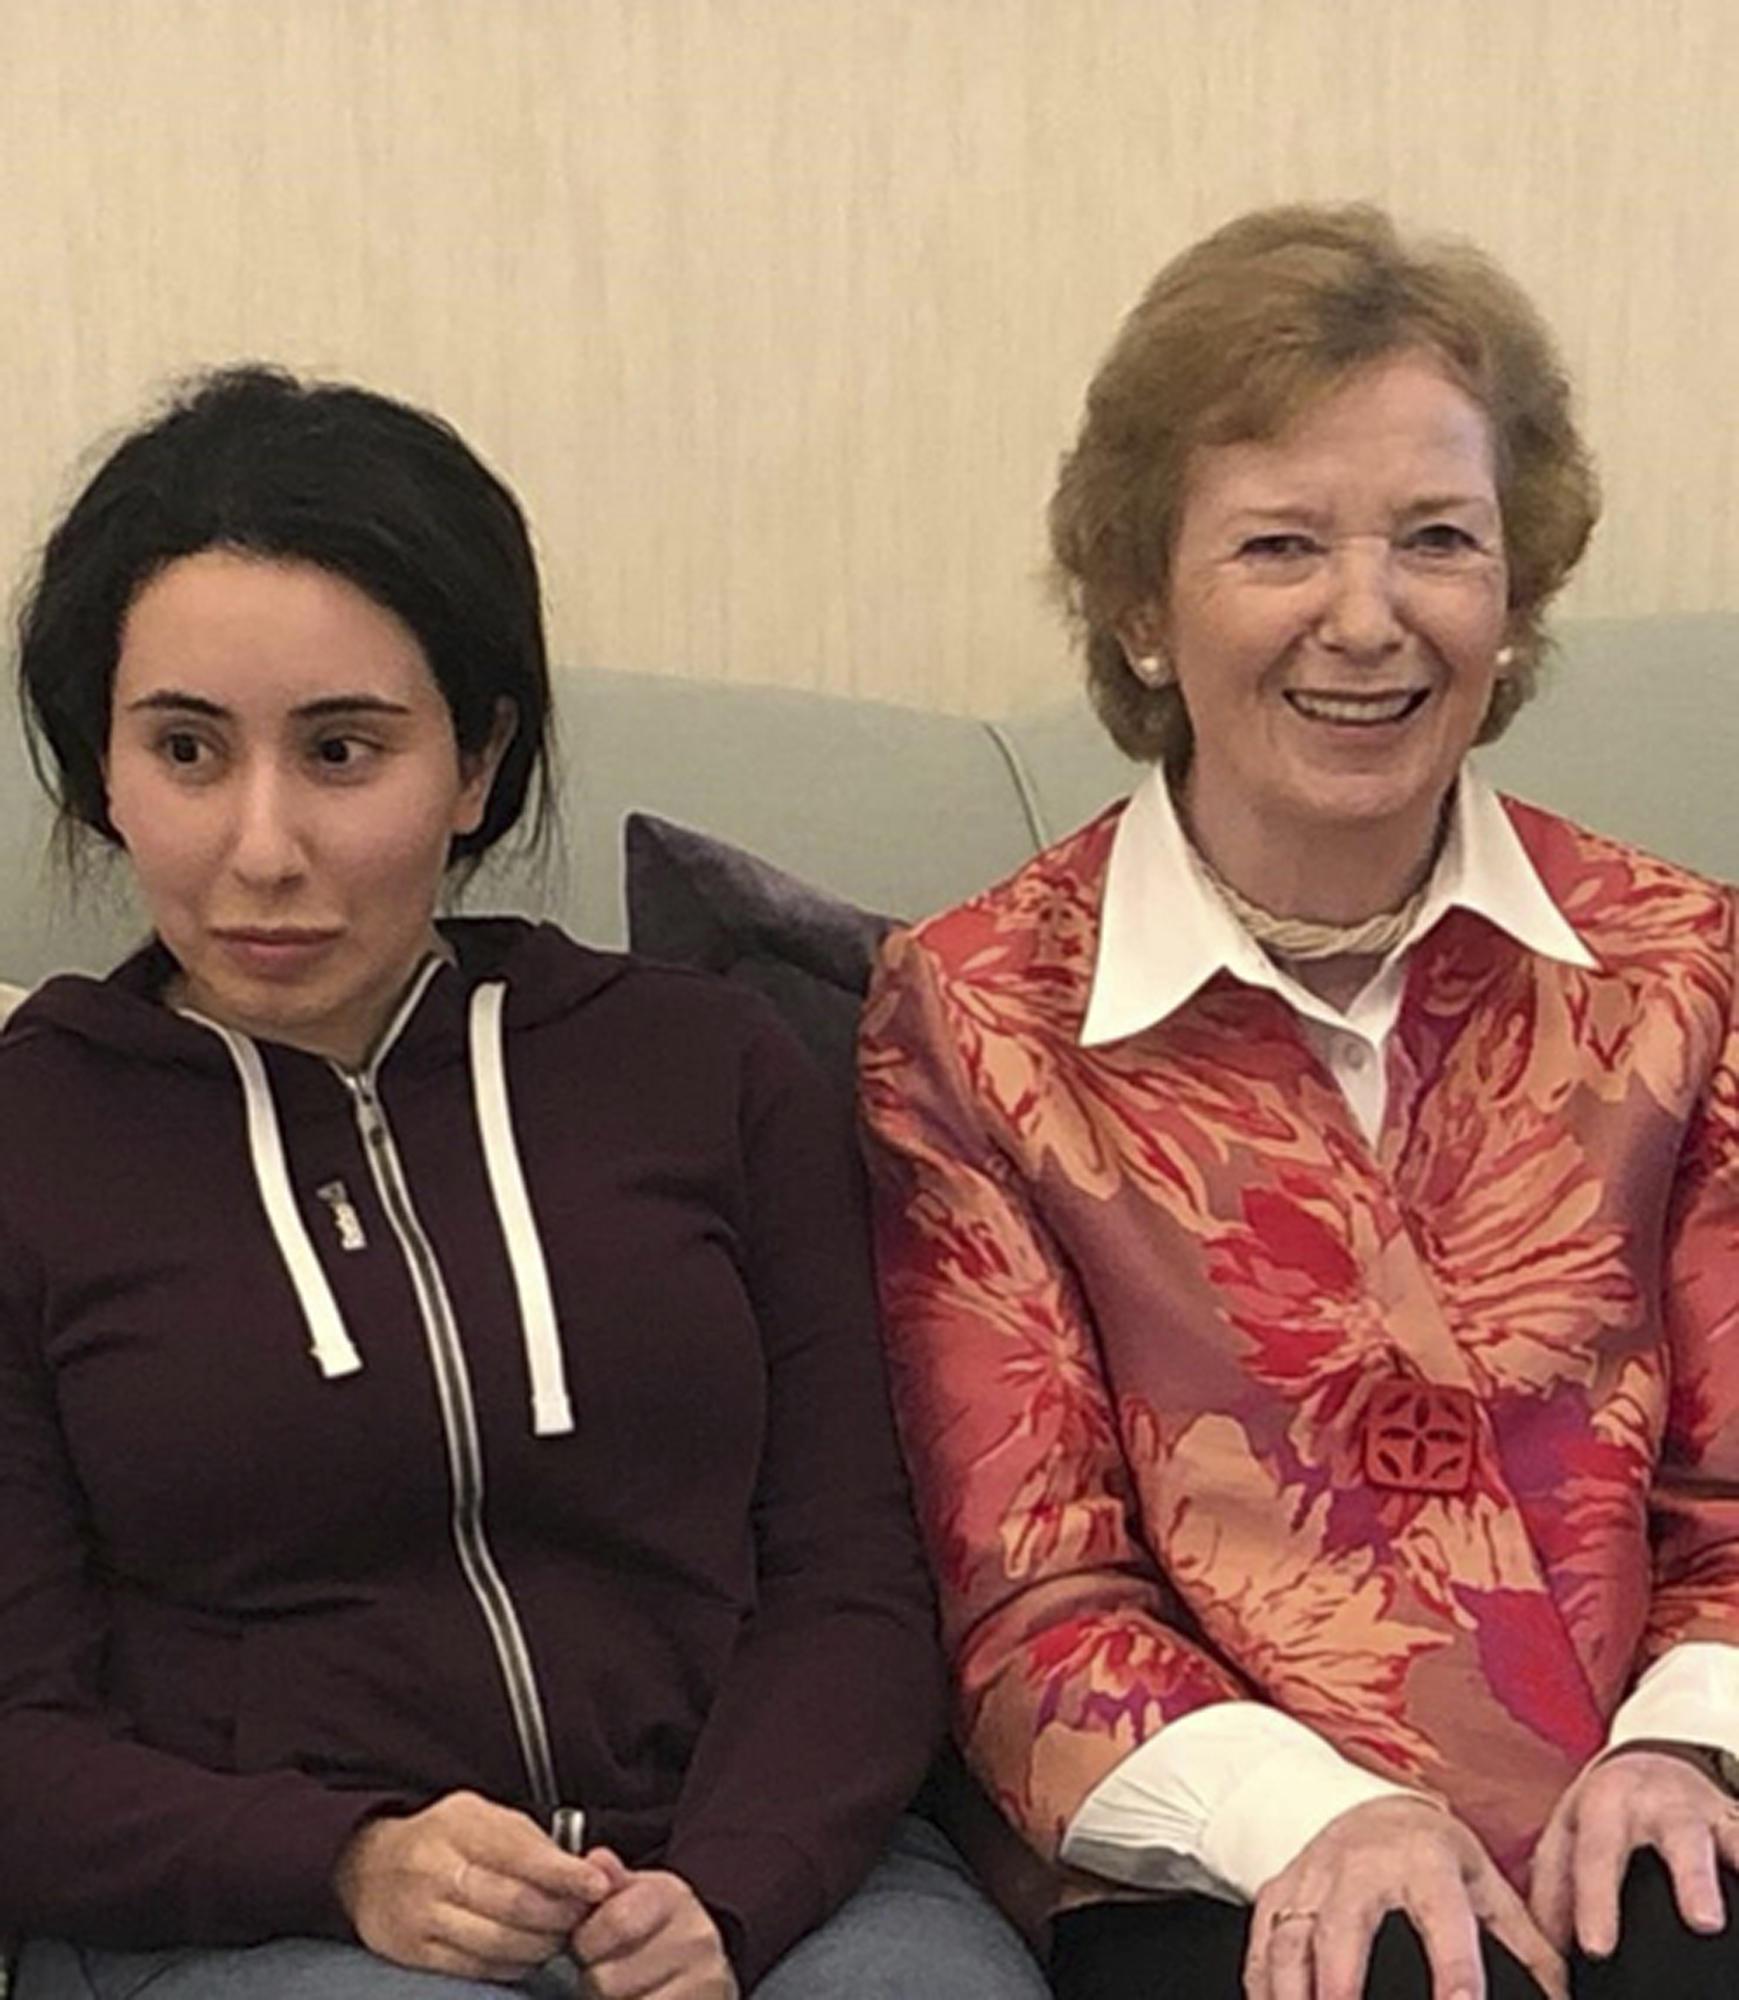 Prinzessin Latifa (r.) und Mary Robinson